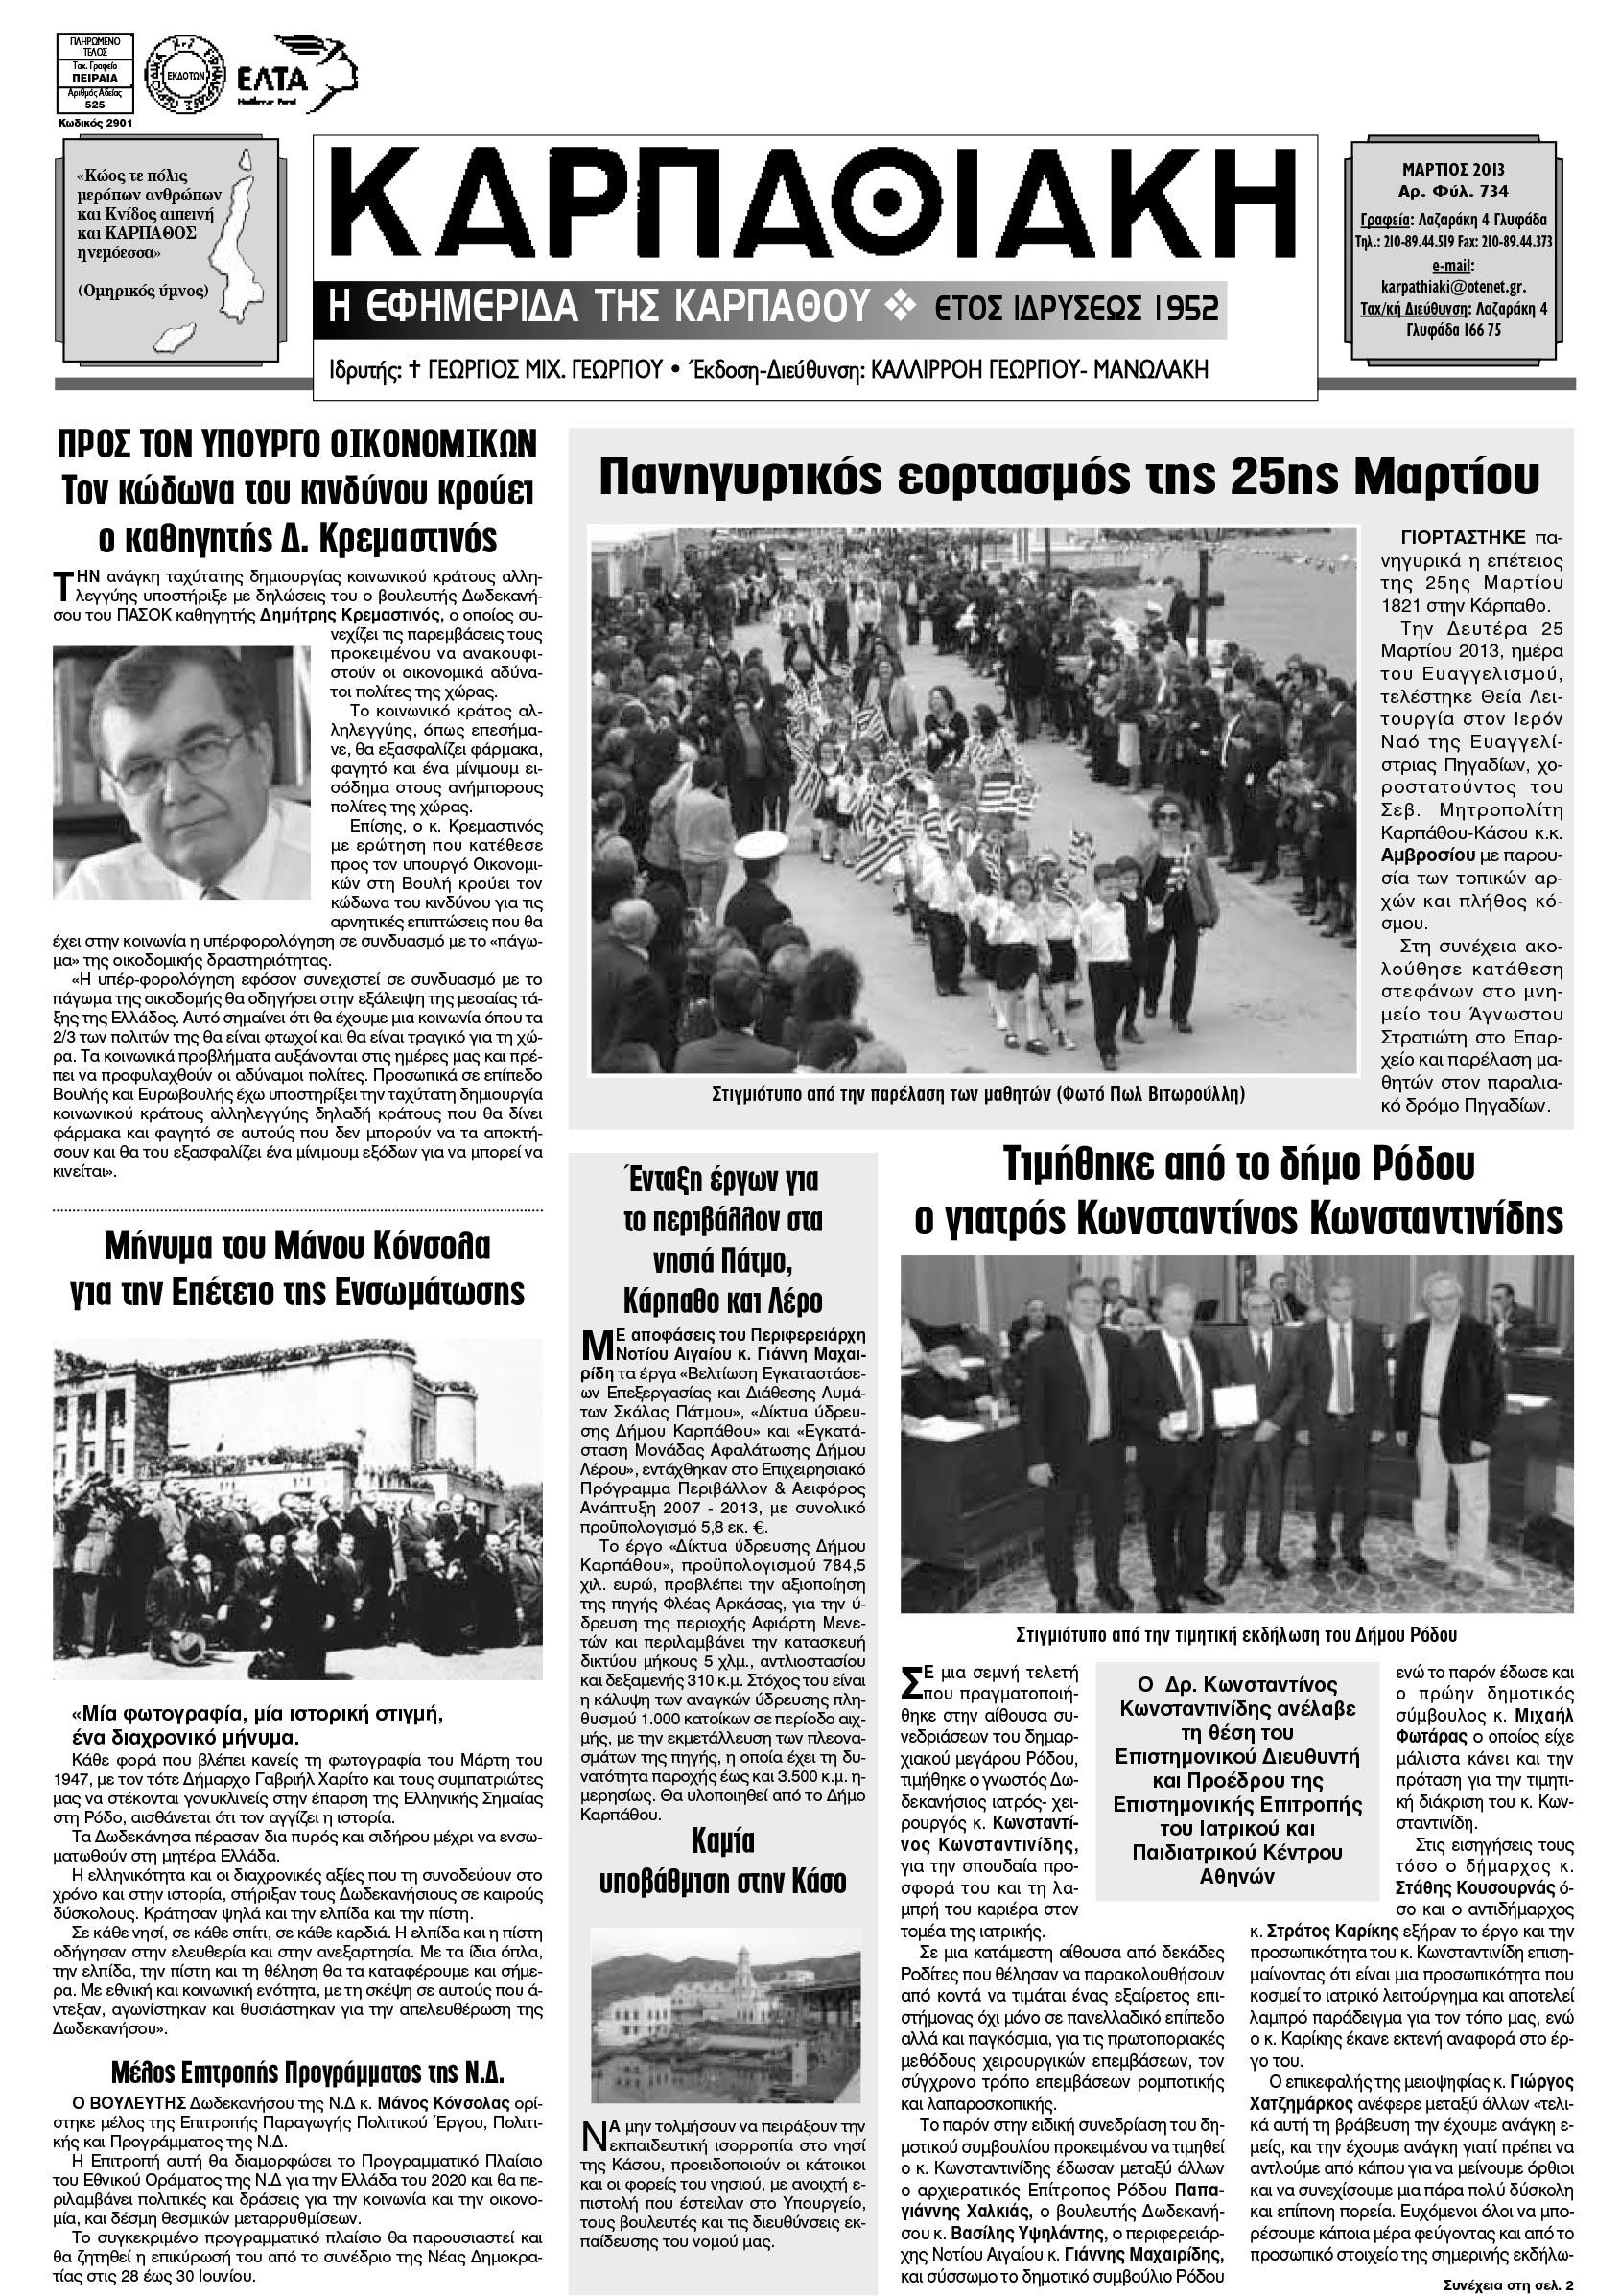 karpathiaki_734-1